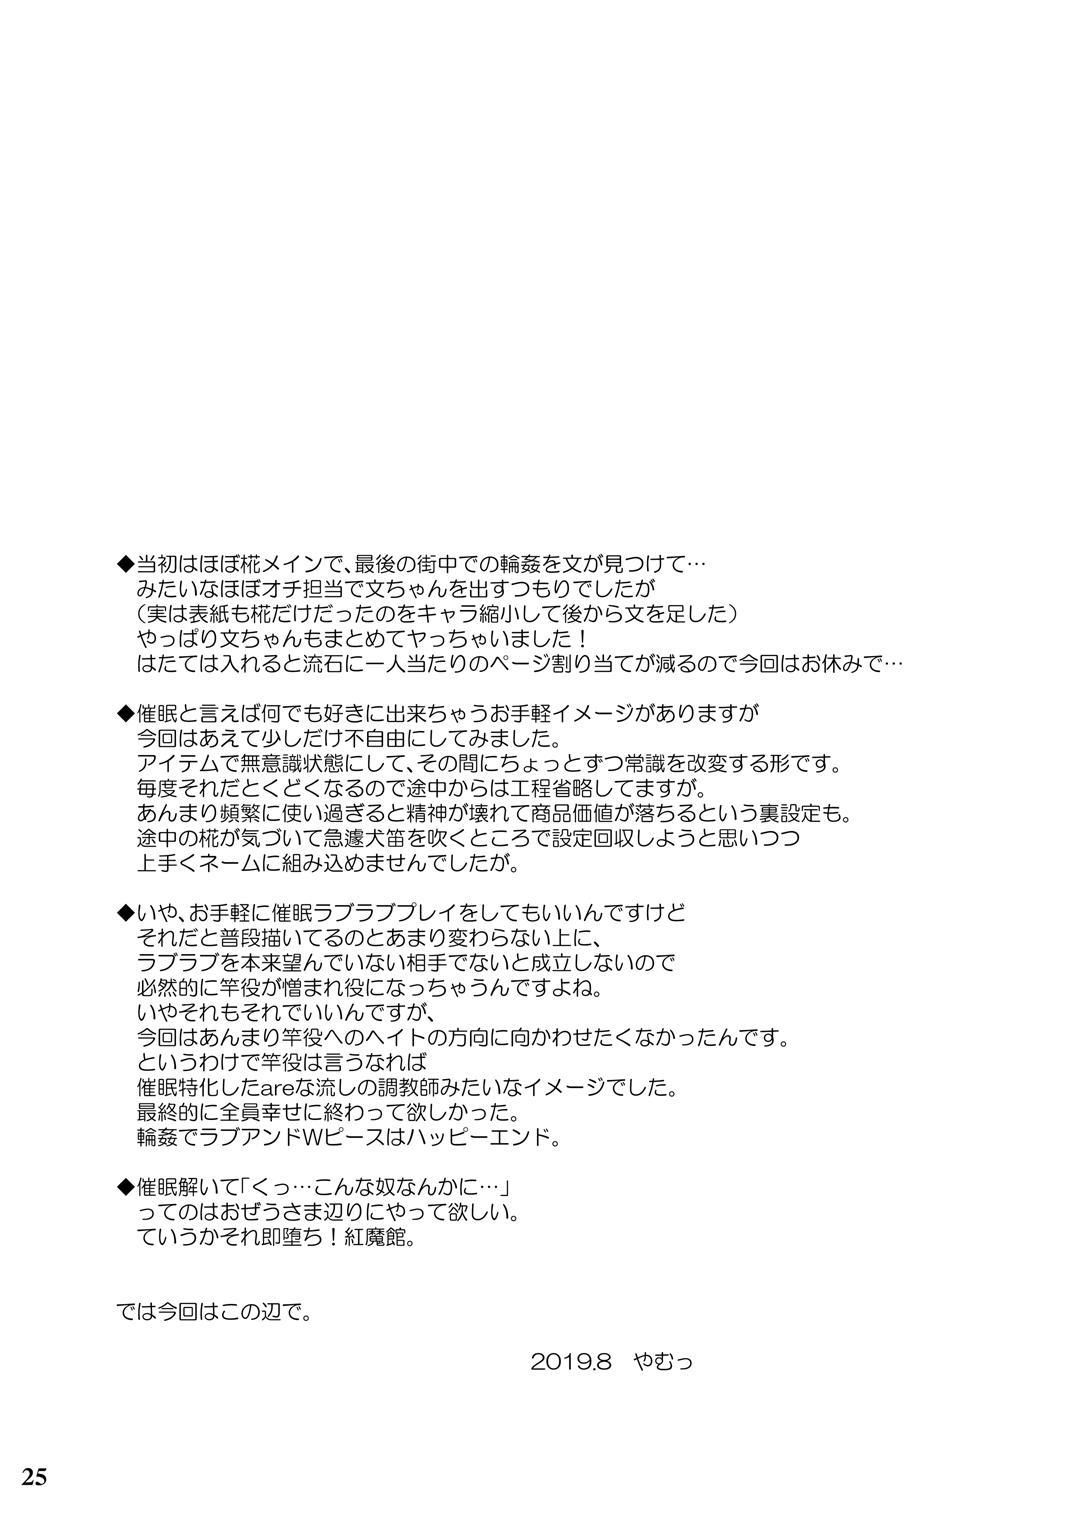 Tengu hacking 23